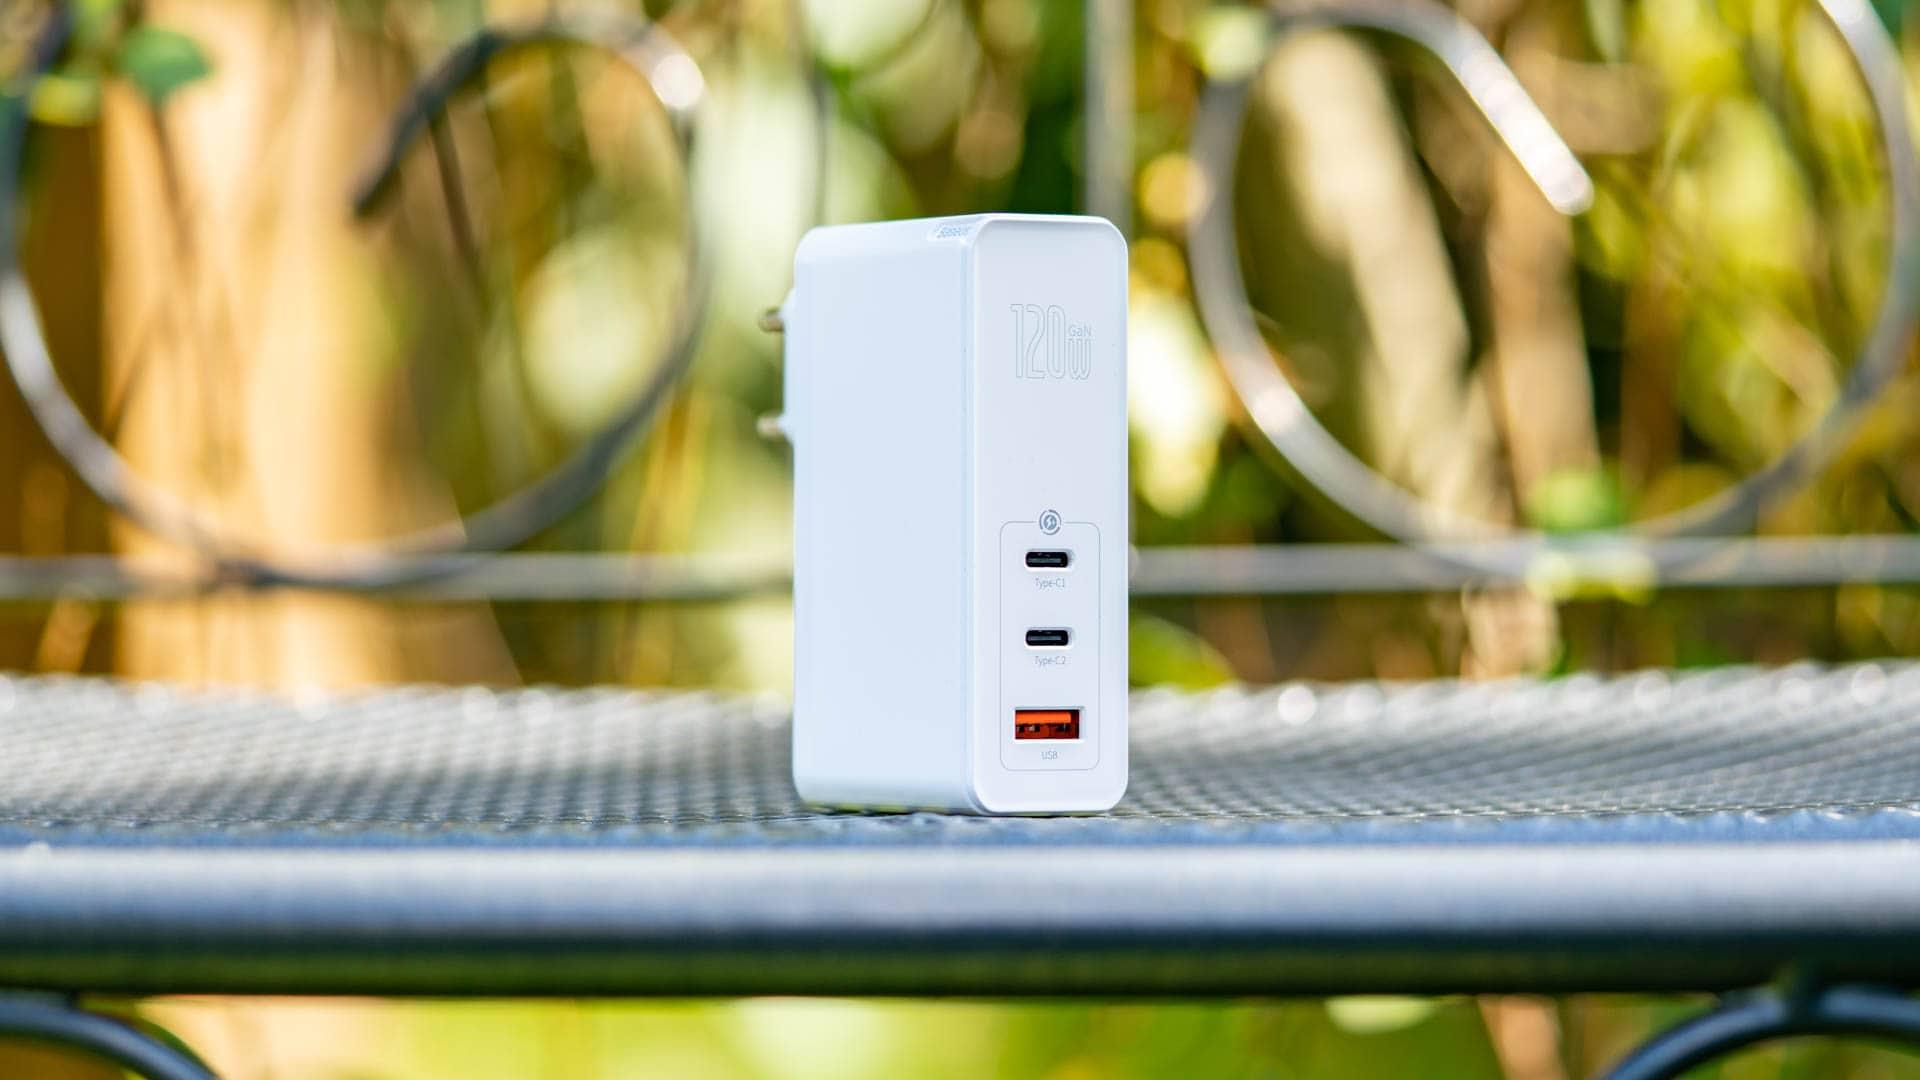 Das Baseus 120W GaN USB Ladegerät im Test, kompakt, leistungsstark, günstig?